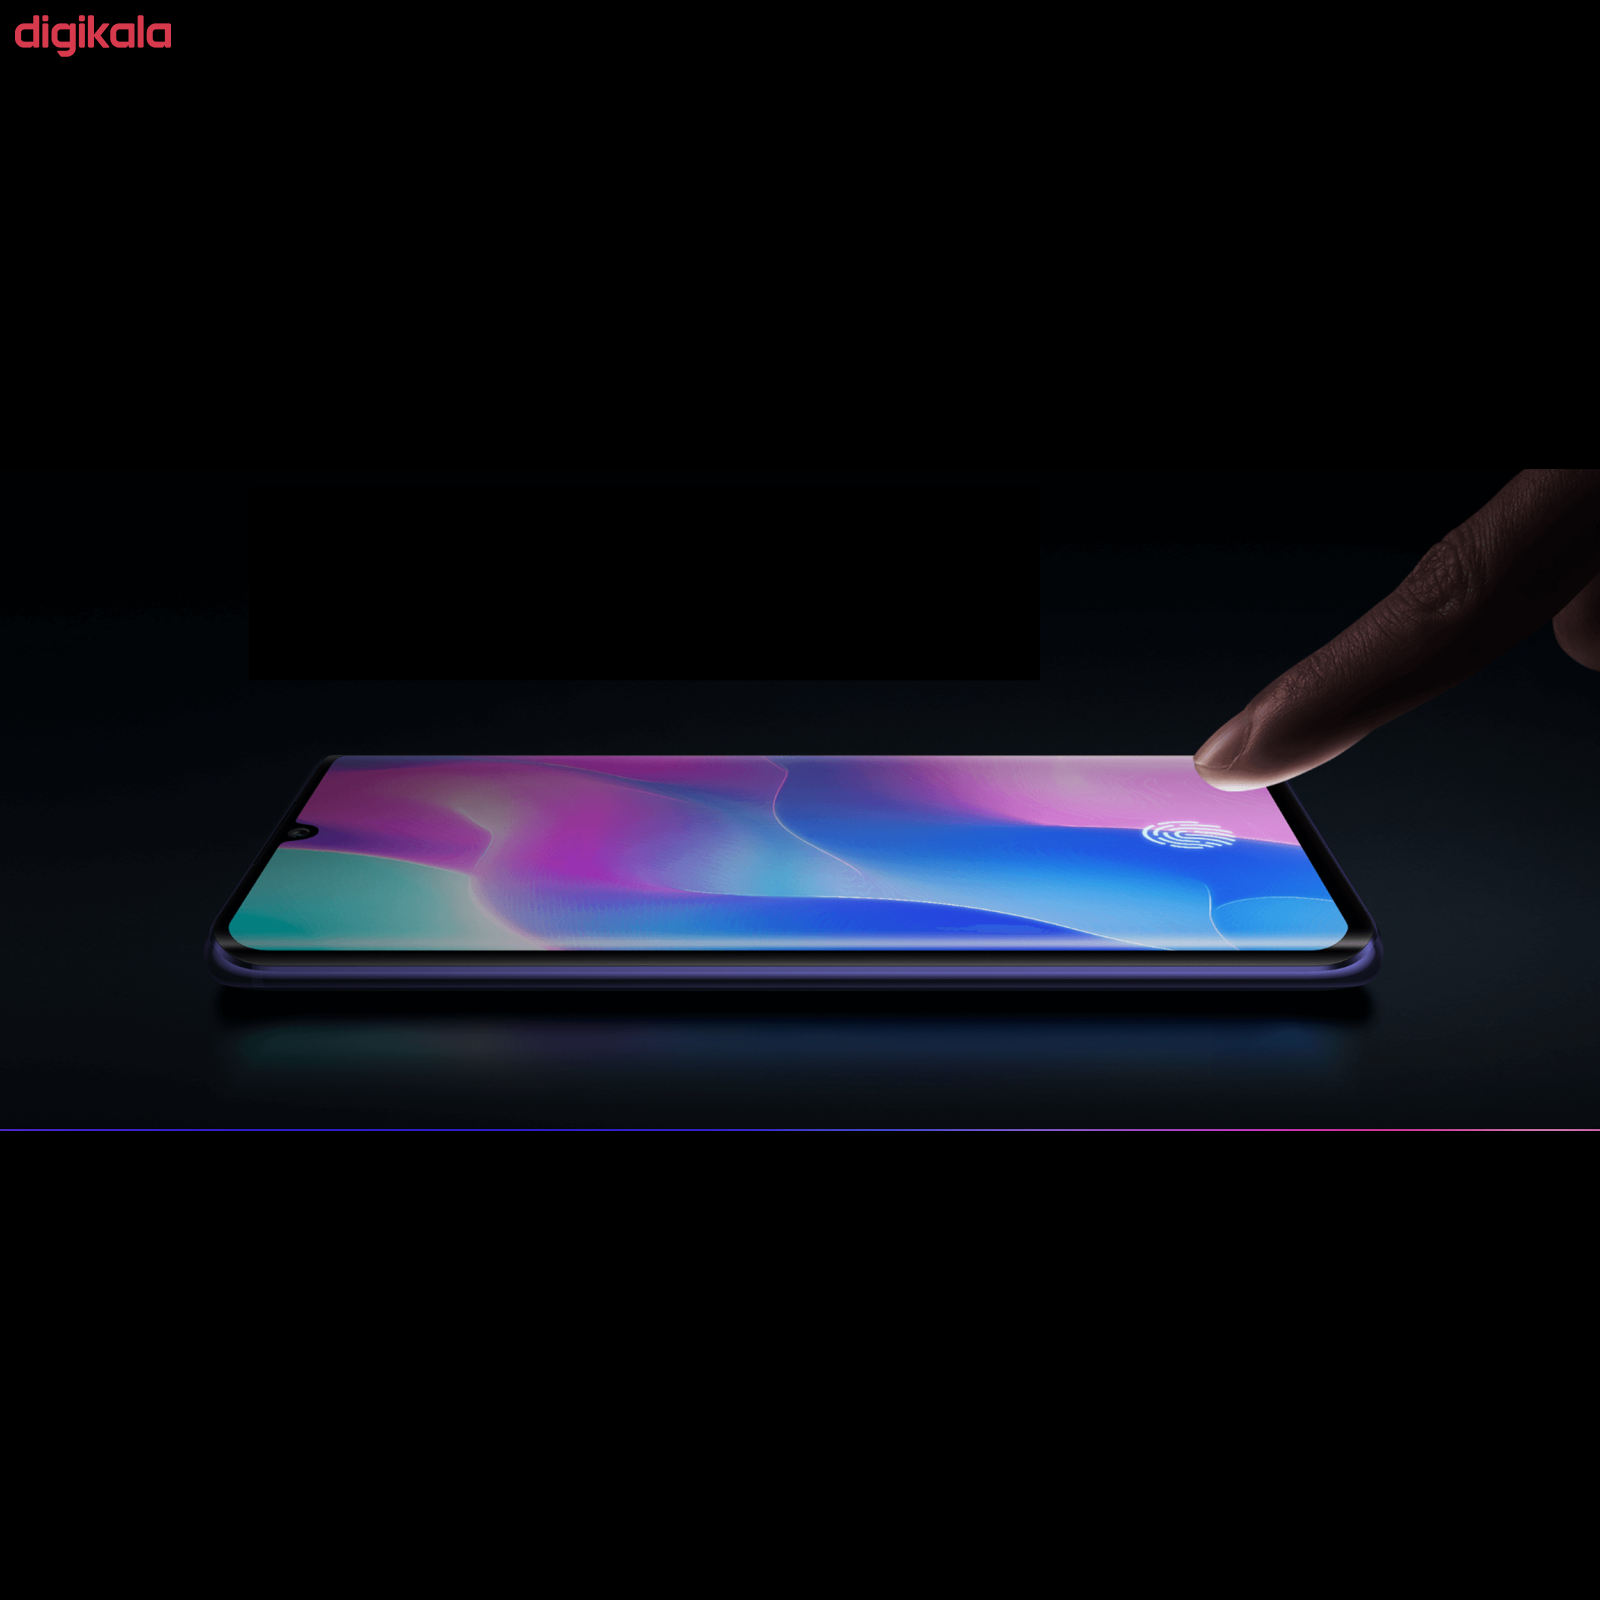 گوشی موبایل شیائومی مدل Mi Note 10 Lite M2002F4LG دو سیم کارت ظرفیت 128 گیگابایت main 1 14